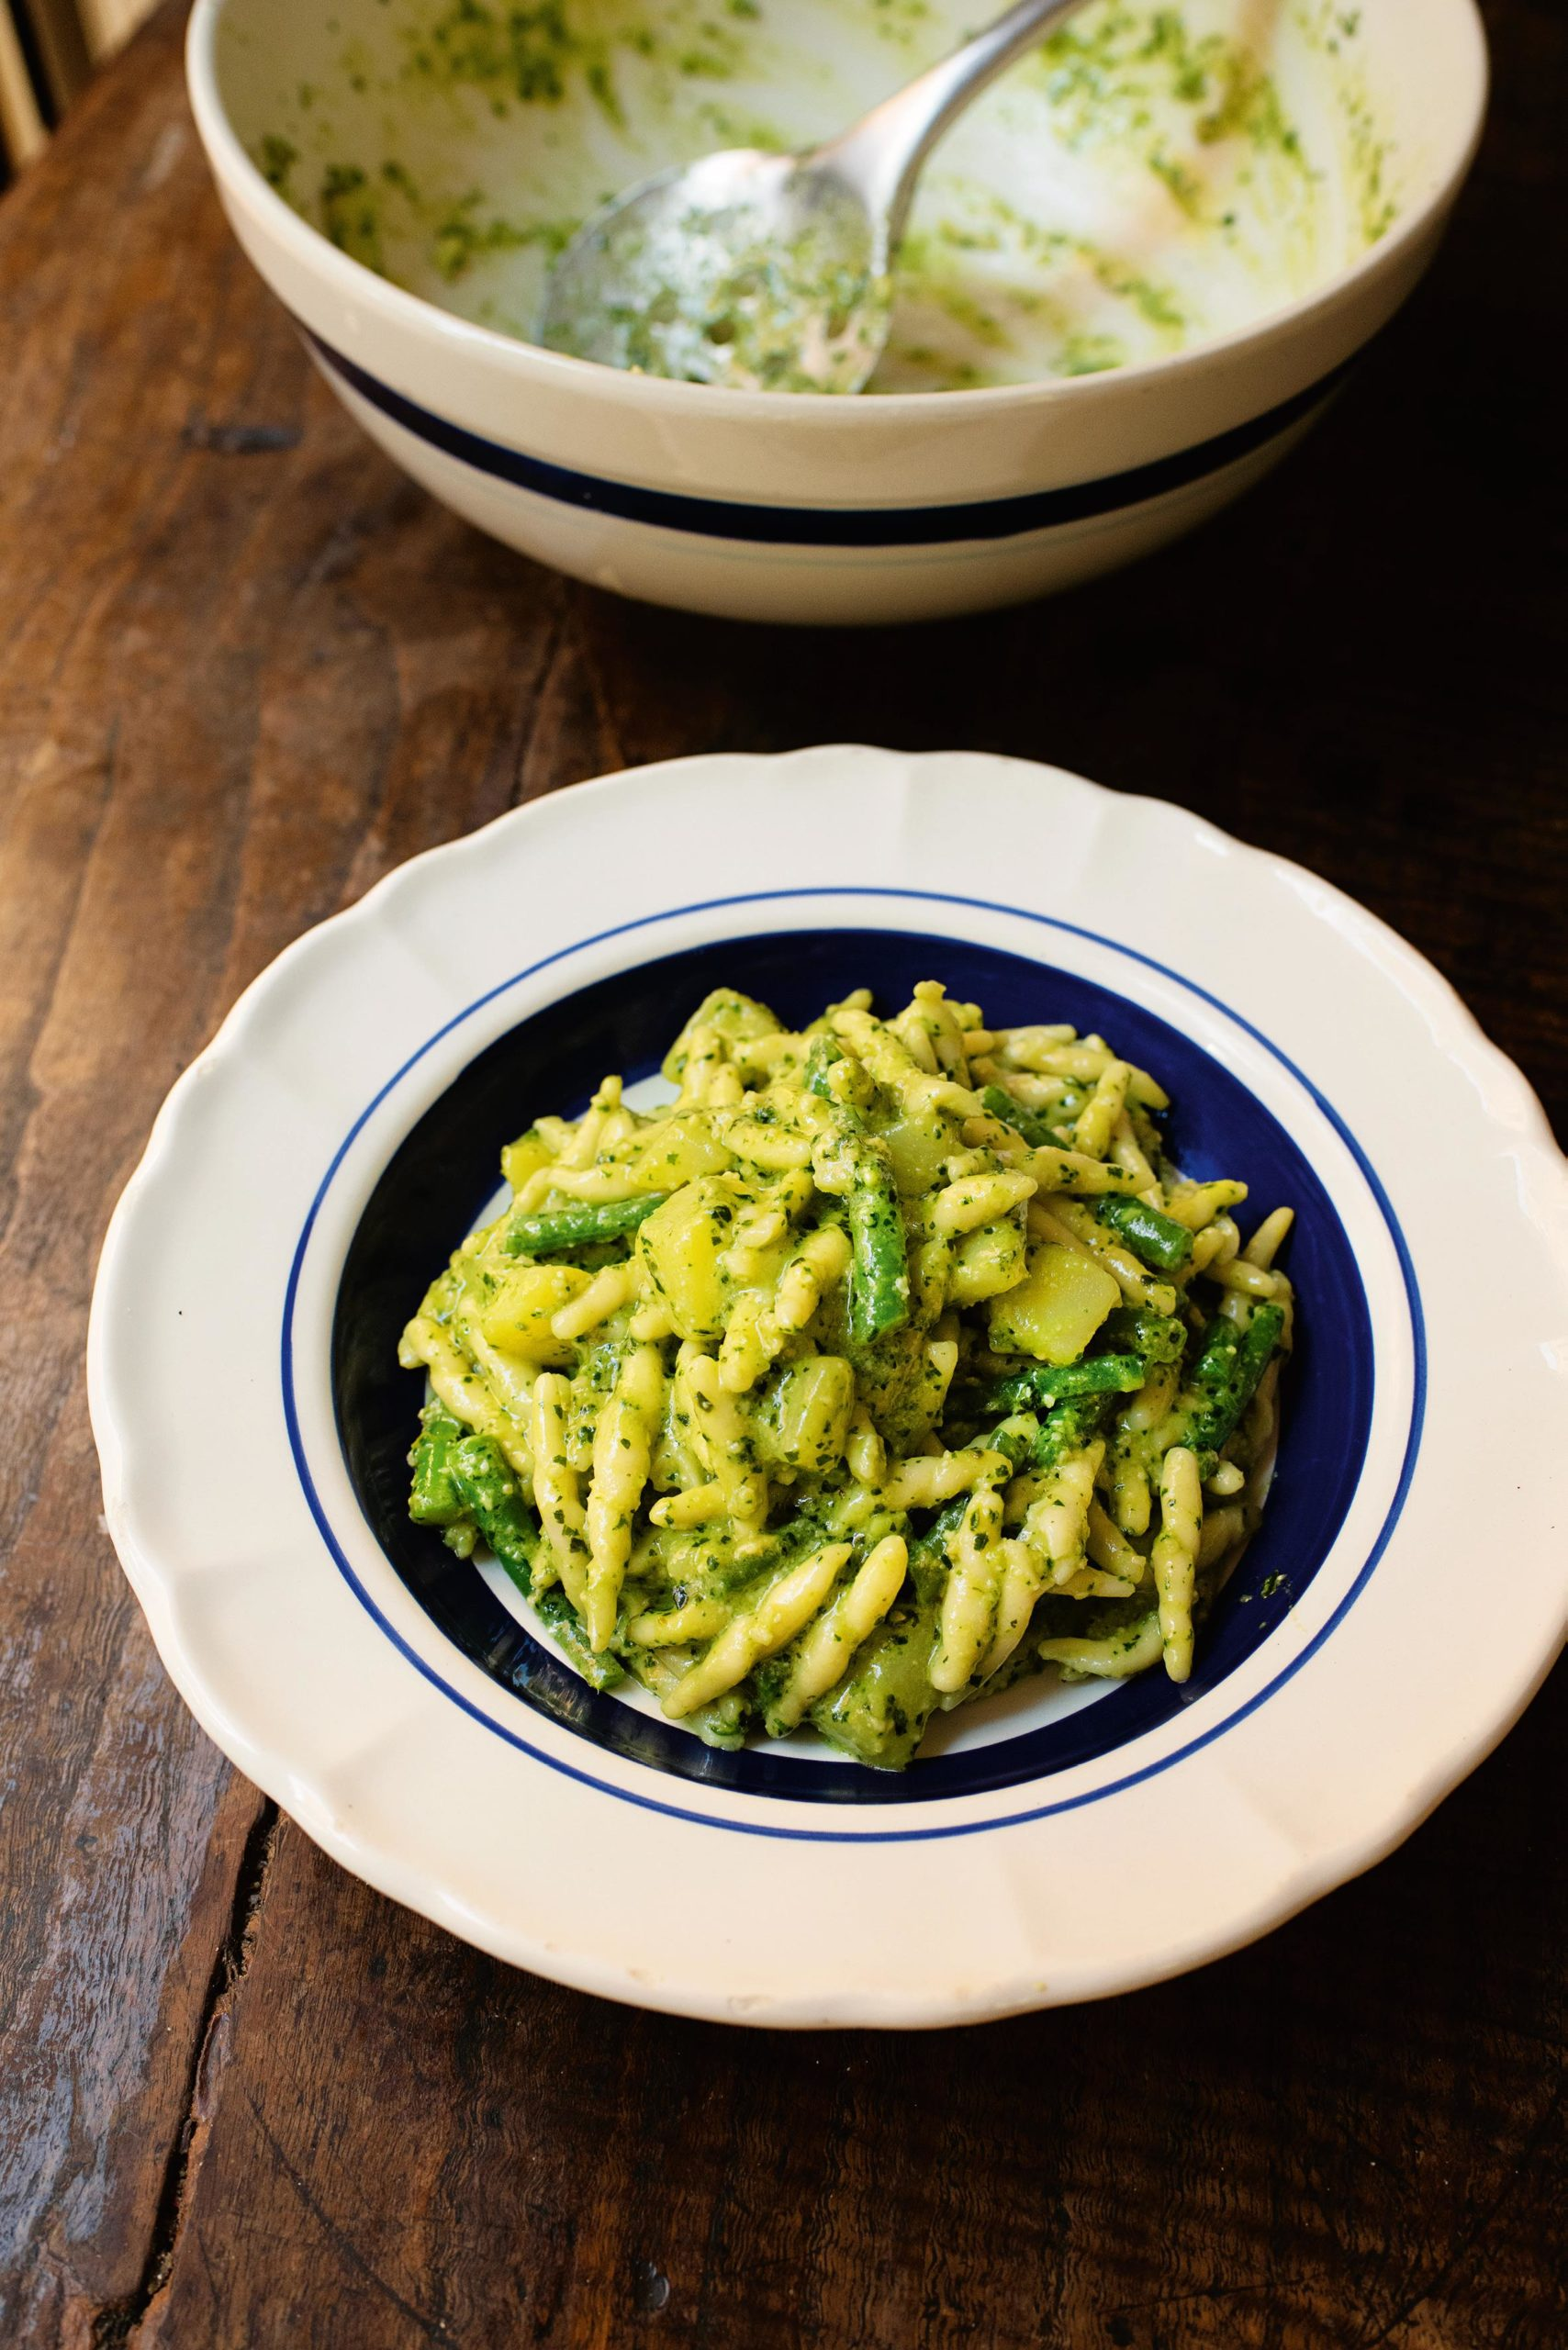 Trofie with Pesto alla Genovese